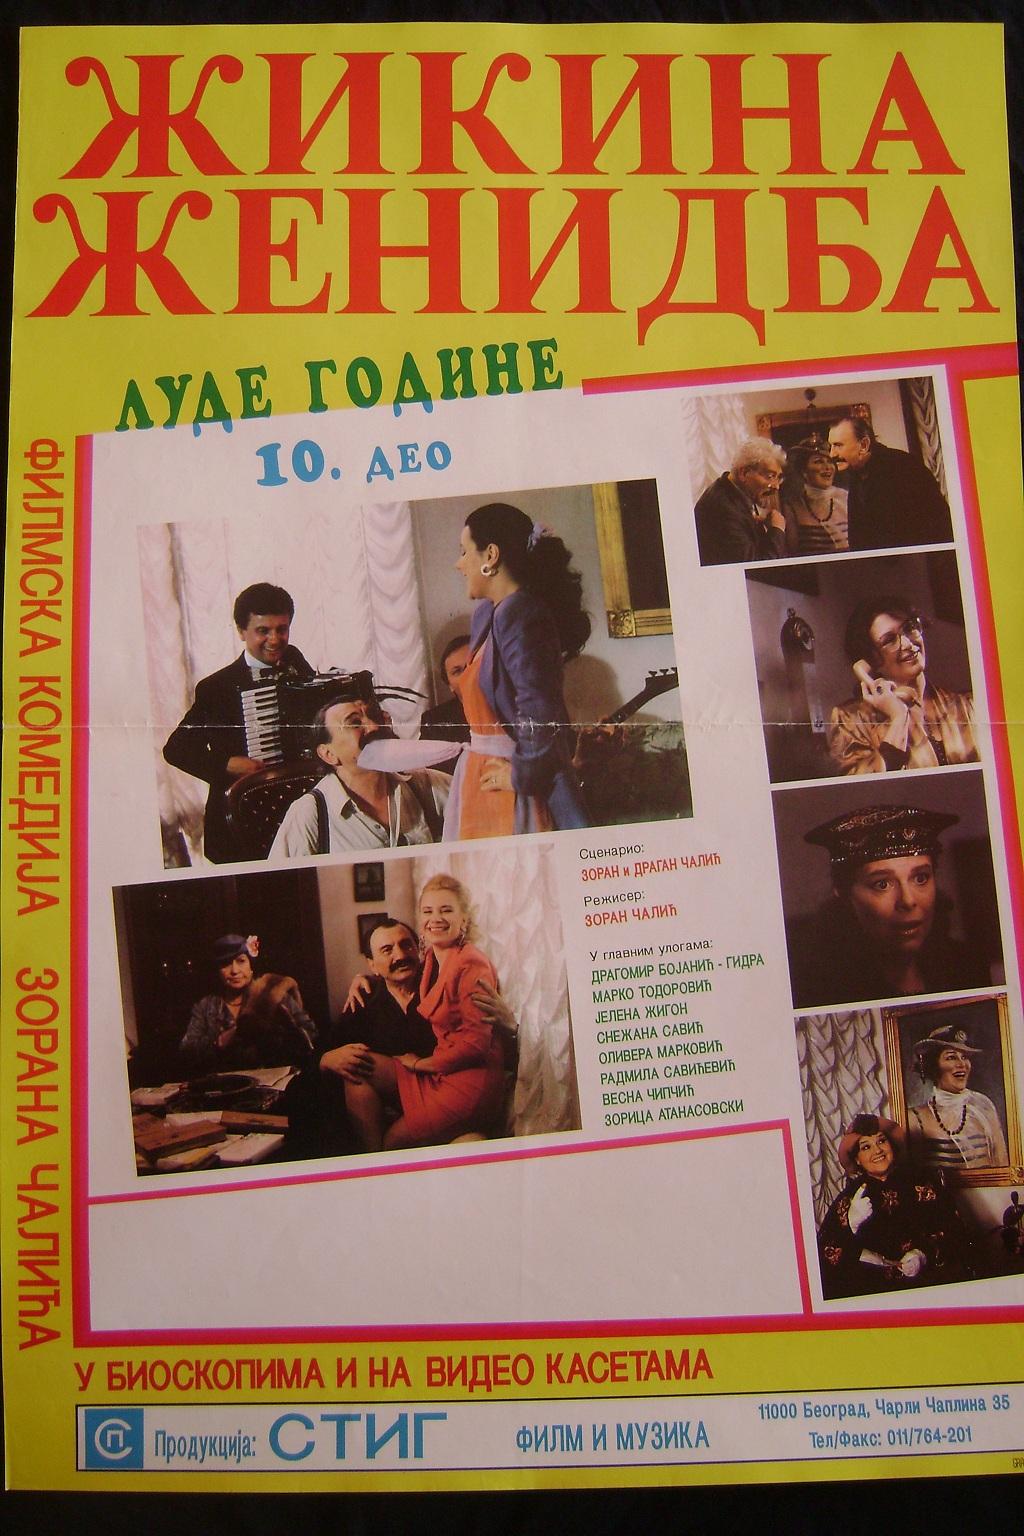 Filmski_poster_ZIKINA_ZENIDBA_1992__1.JPG